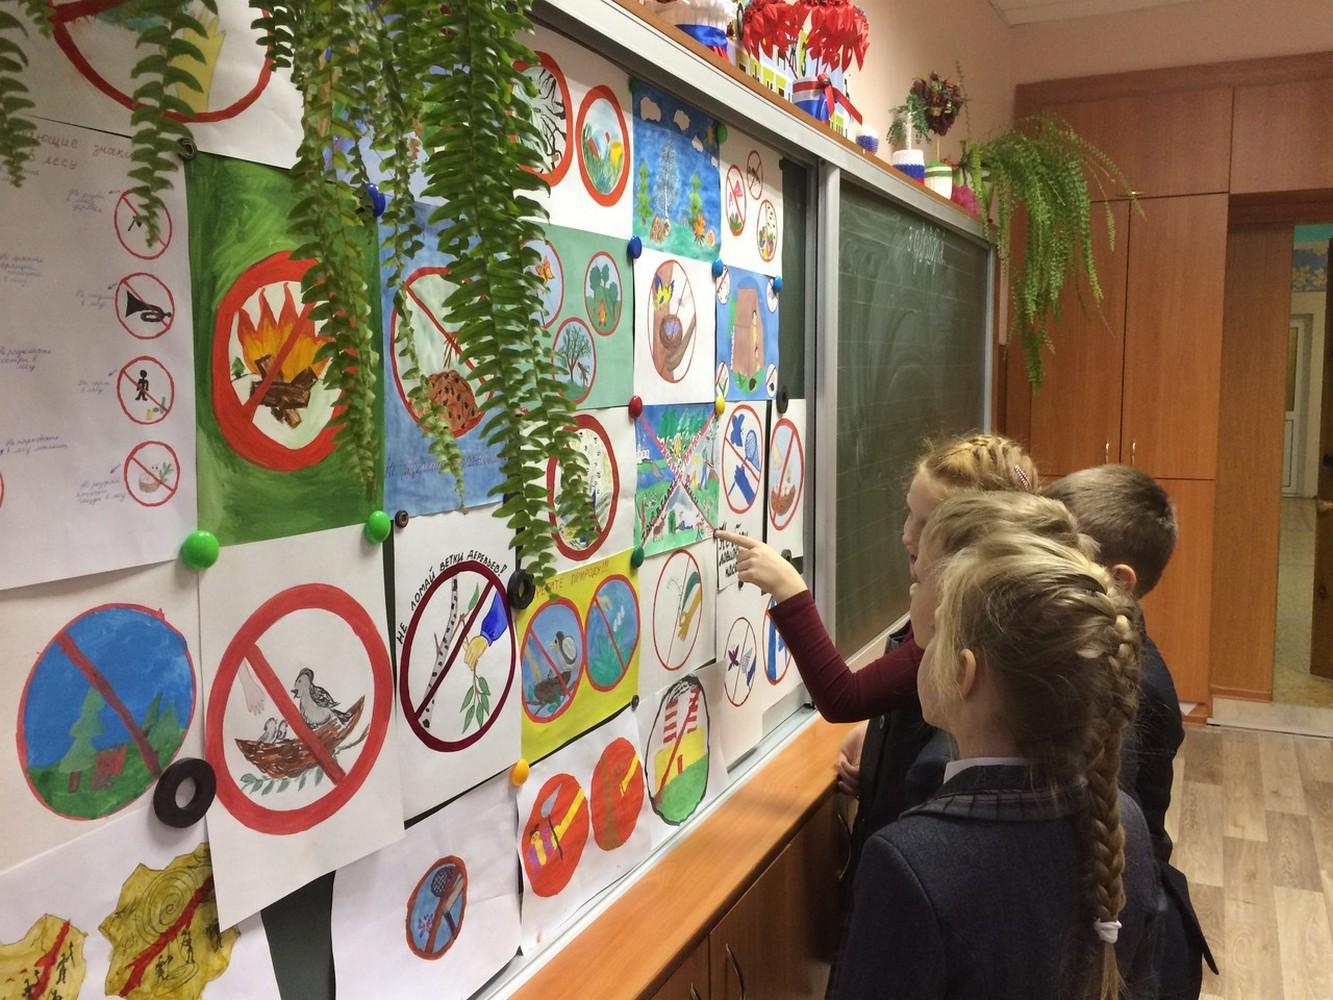 урок экологического воспитания